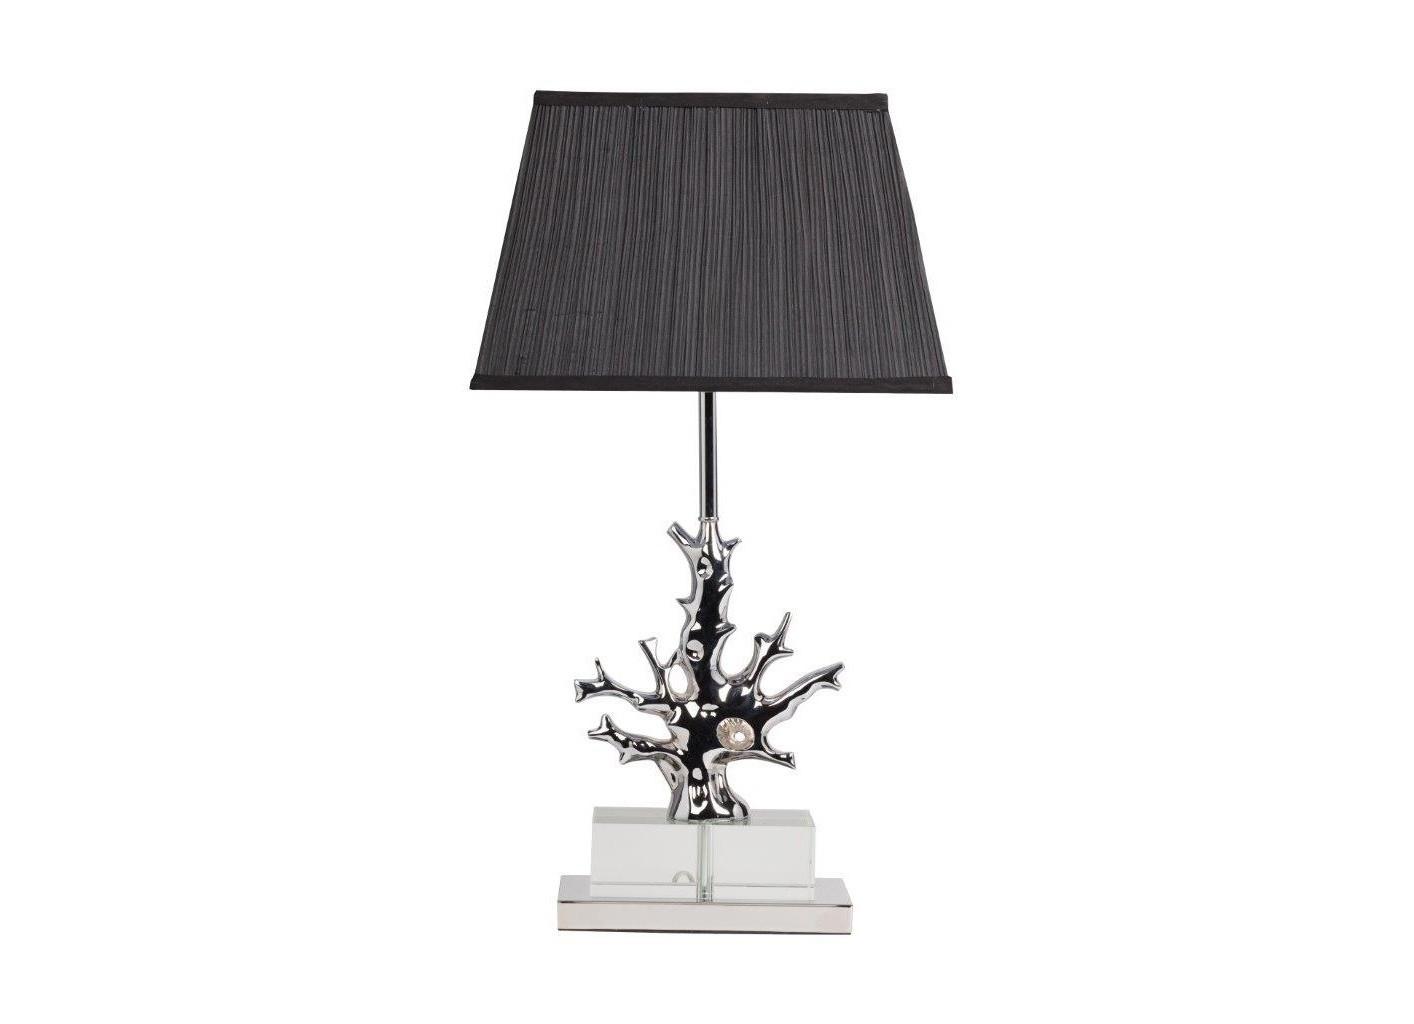 Настольная лампа Fabriano NoirДекоративные лампы<br>Большая настольная лампа Fabriano Noir изготовлена на стальном основании, корпус декорирован хрусталем и гофрированным абажуром из чёрной ткани. Лампа прекрасно дополнит любой интерьер и создаст особую приятную расслабляющую обстановку. Предназначена для использования со светодиодными лампами. Размеры основания: длина 35 см, ширина 28 см.&amp;lt;div&amp;gt;&amp;lt;br&amp;gt;&amp;lt;/div&amp;gt;&amp;lt;div&amp;gt;&amp;lt;div&amp;gt;Вид цоколя:E27&amp;lt;/div&amp;gt;&amp;lt;div&amp;gt;Мощность лампы:60W&amp;lt;/div&amp;gt;&amp;lt;div&amp;gt;Количество ламп:1&amp;lt;/div&amp;gt;&amp;lt;/div&amp;gt;<br><br>Material: Металл<br>Width см: 38<br>Depth см: 25<br>Height см: 68<br>Diameter см: None